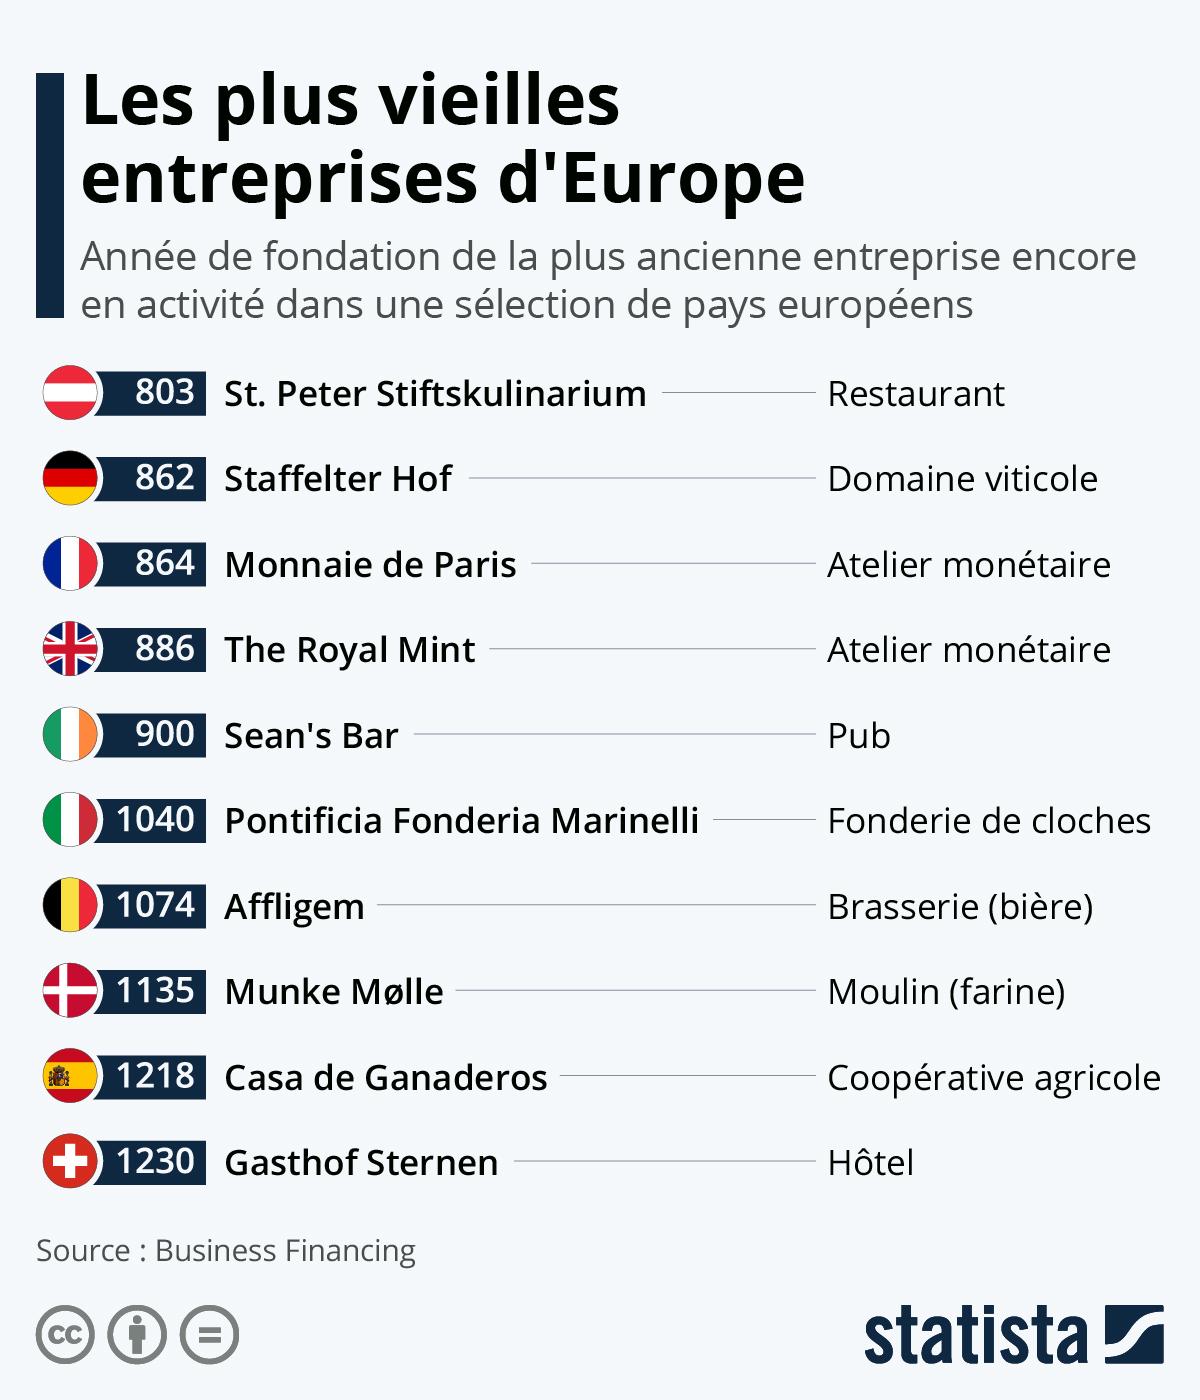 Infographie: Les plus vieilles entreprises d'Europe | Statista